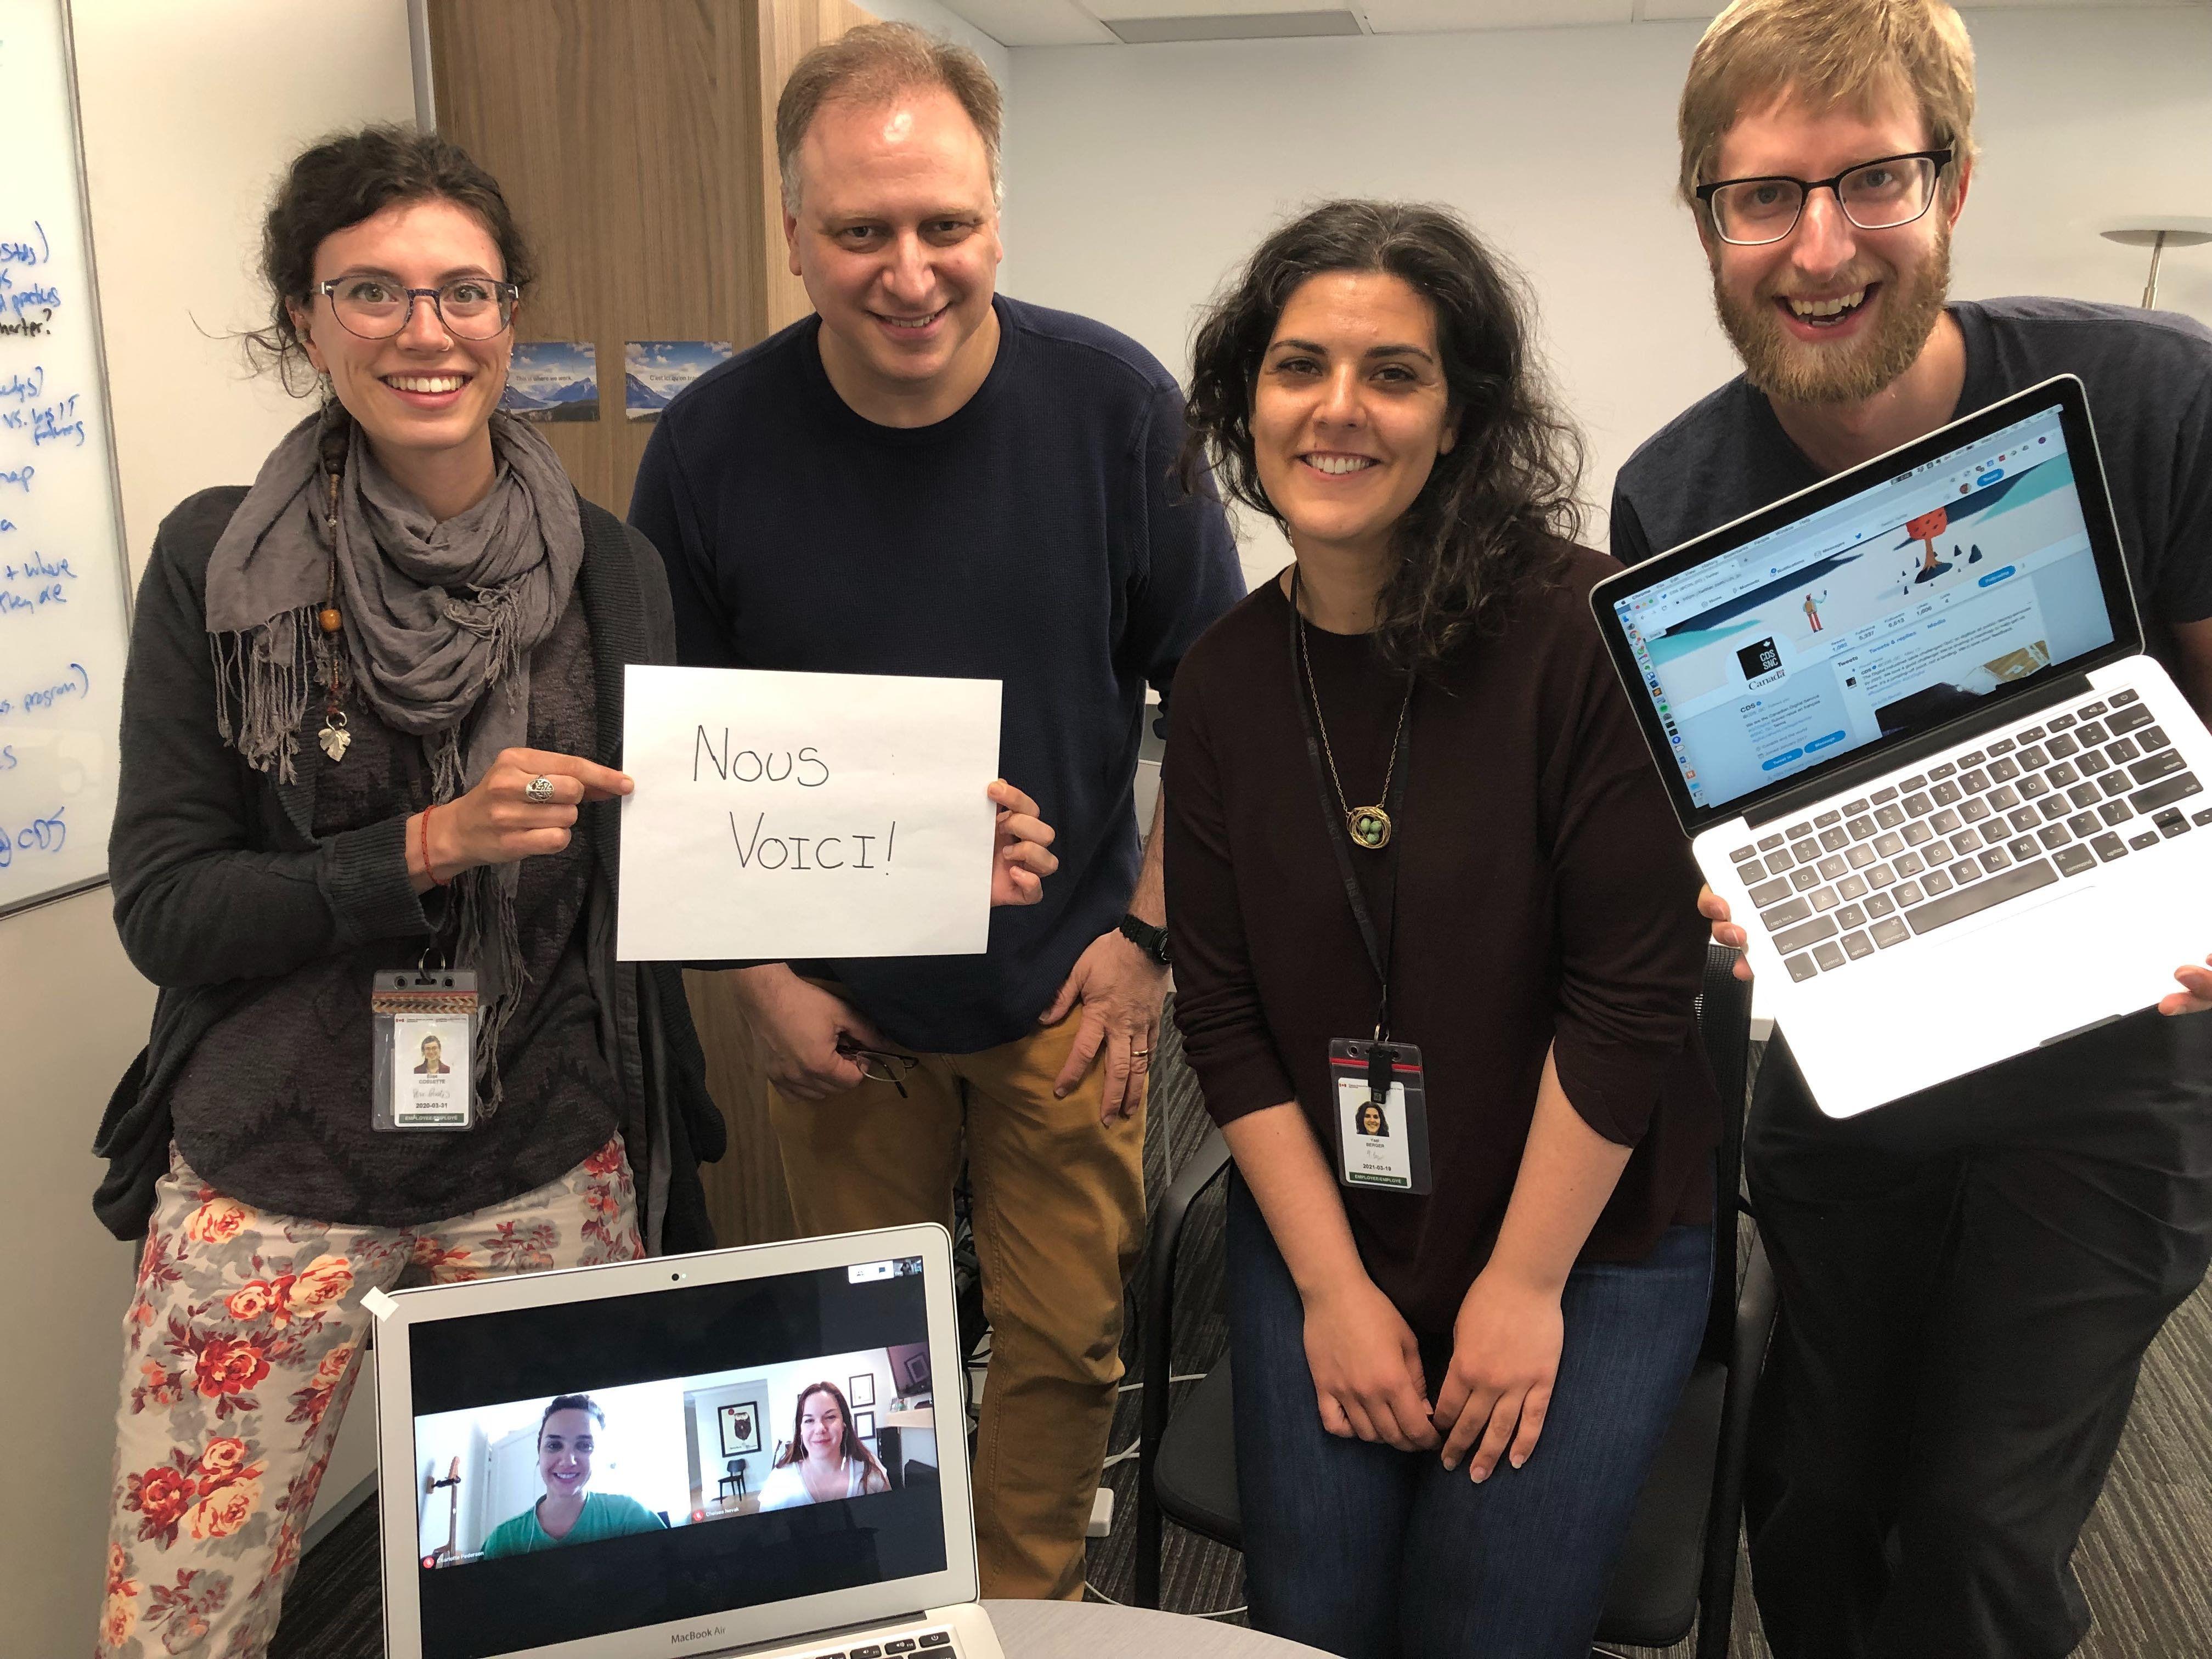 Photo de l'équipe avec une affiche indiquant « Nous voici! » avant le début de l'AMA.